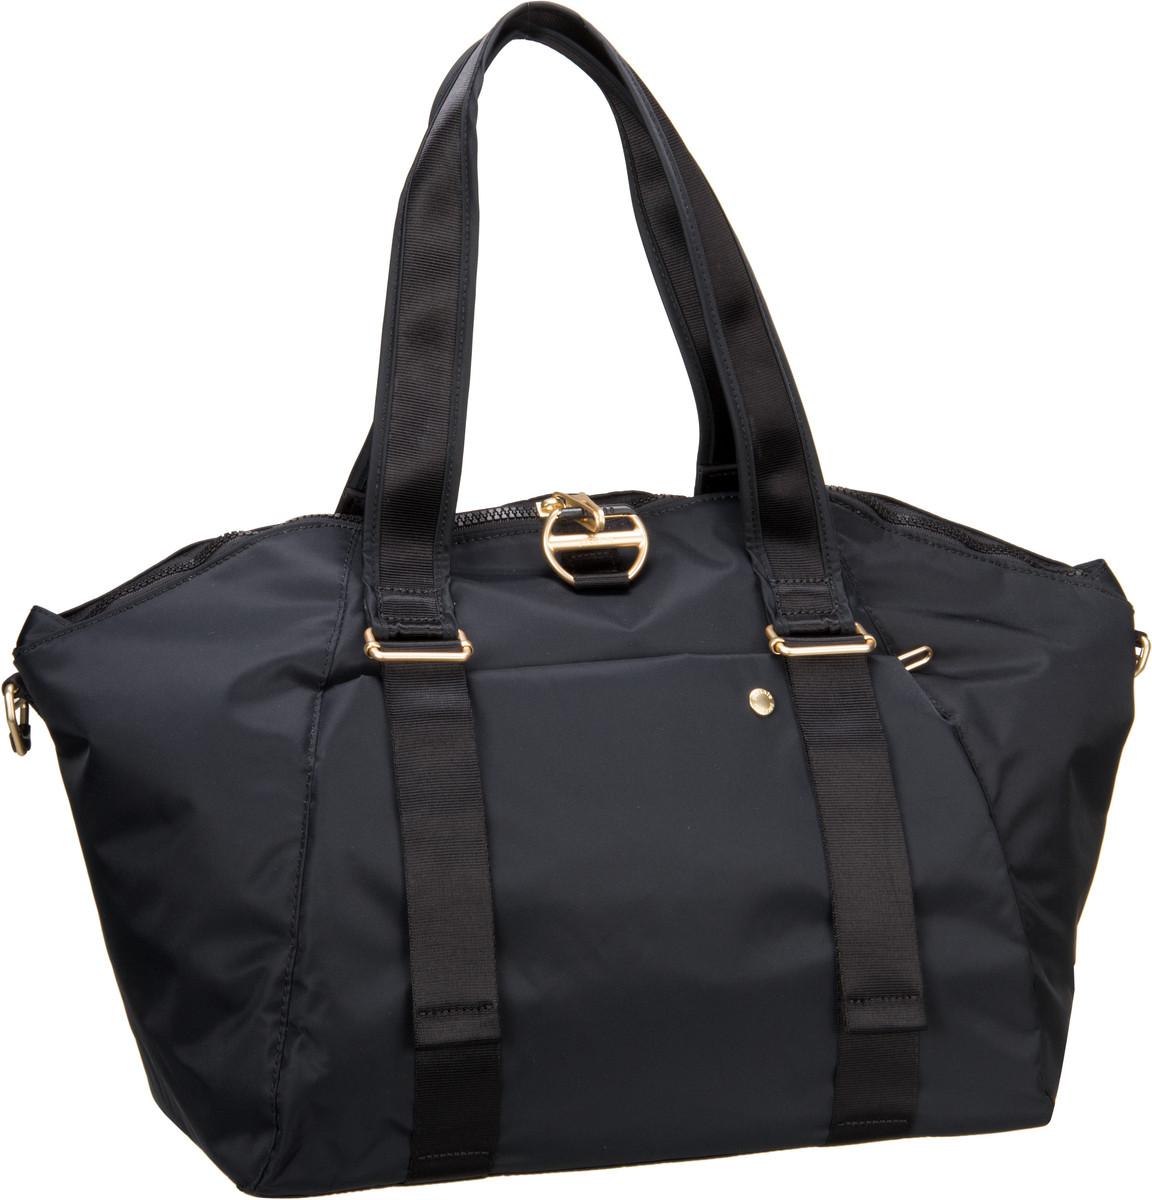 Pacsafe Handtasche Citysafe CX Tote Black (20 Liter)